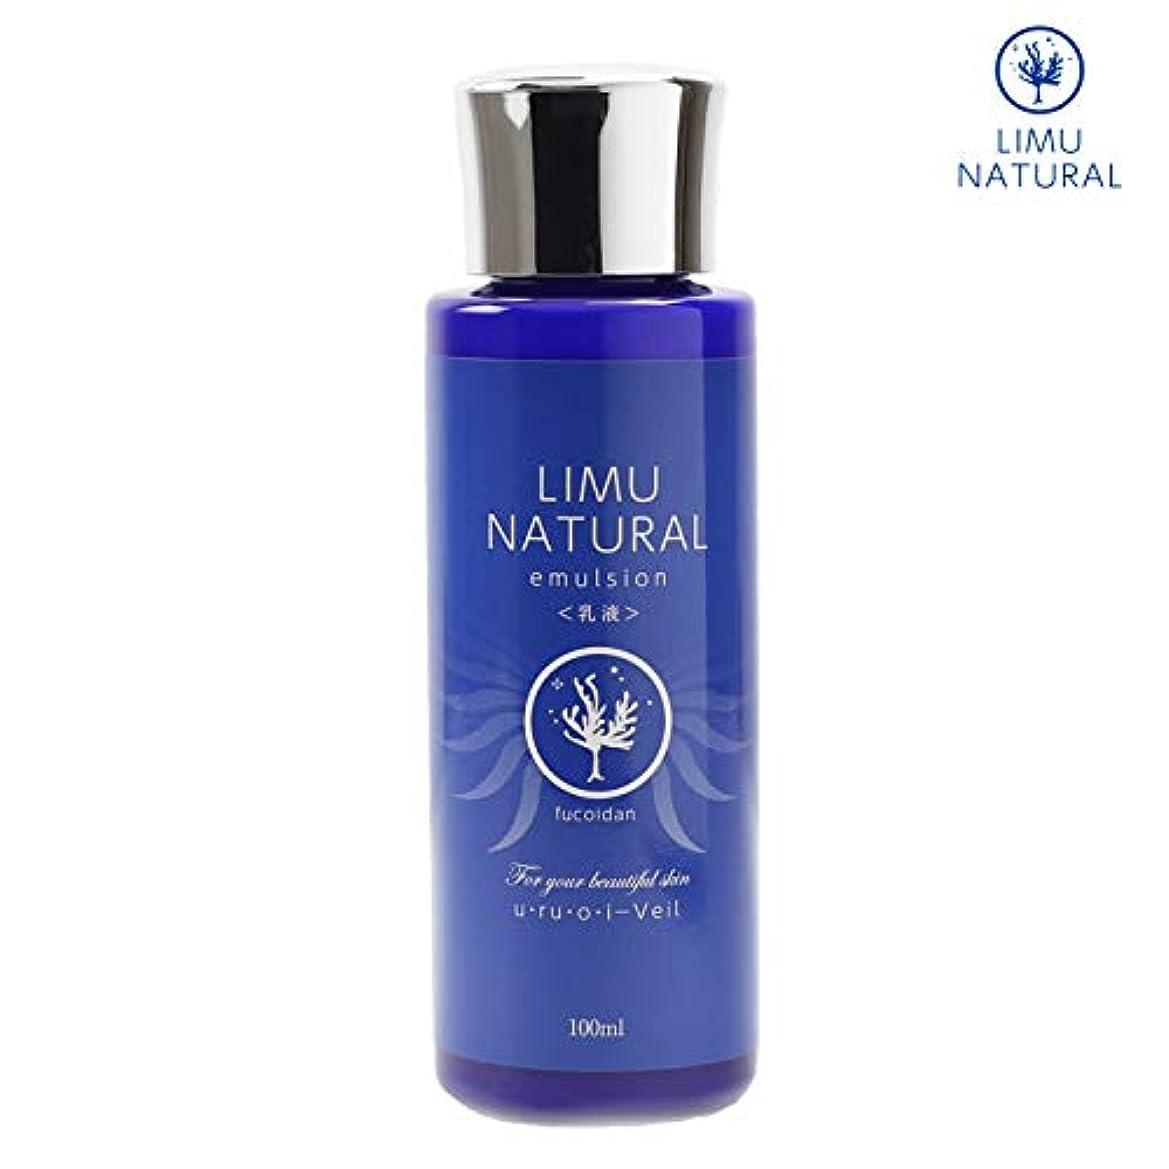 絡まる大声で広くリムナチュラル 乳液 LIMU NATURAL EMULSION (100ml) 海の恵「フコイダン」と大地の恵「グリセリルグルコシド」を贅沢に配合